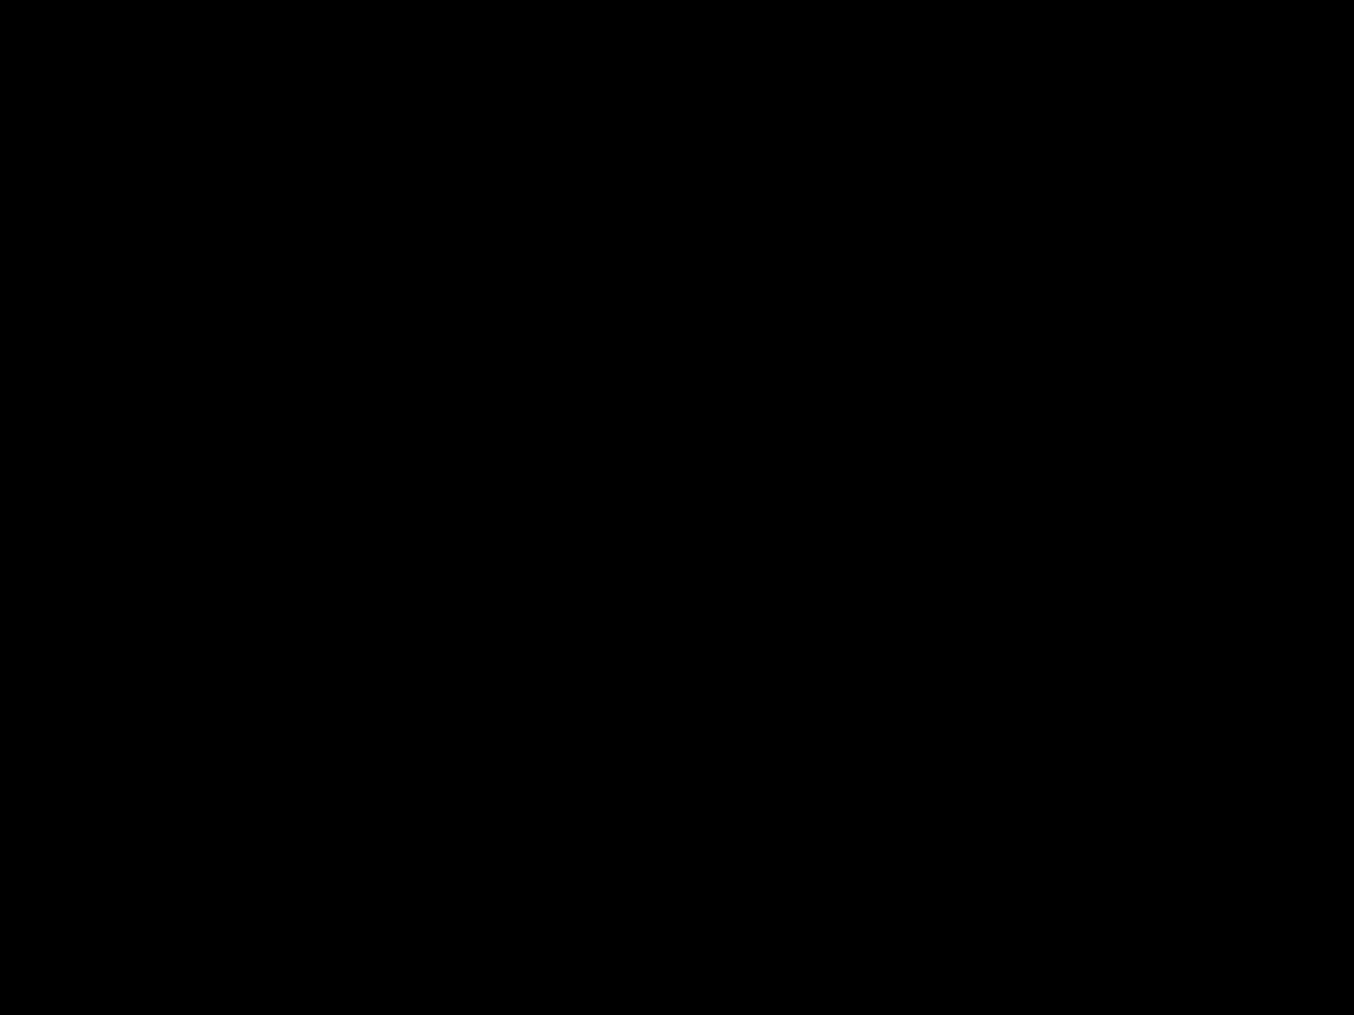 4554_07.jpg